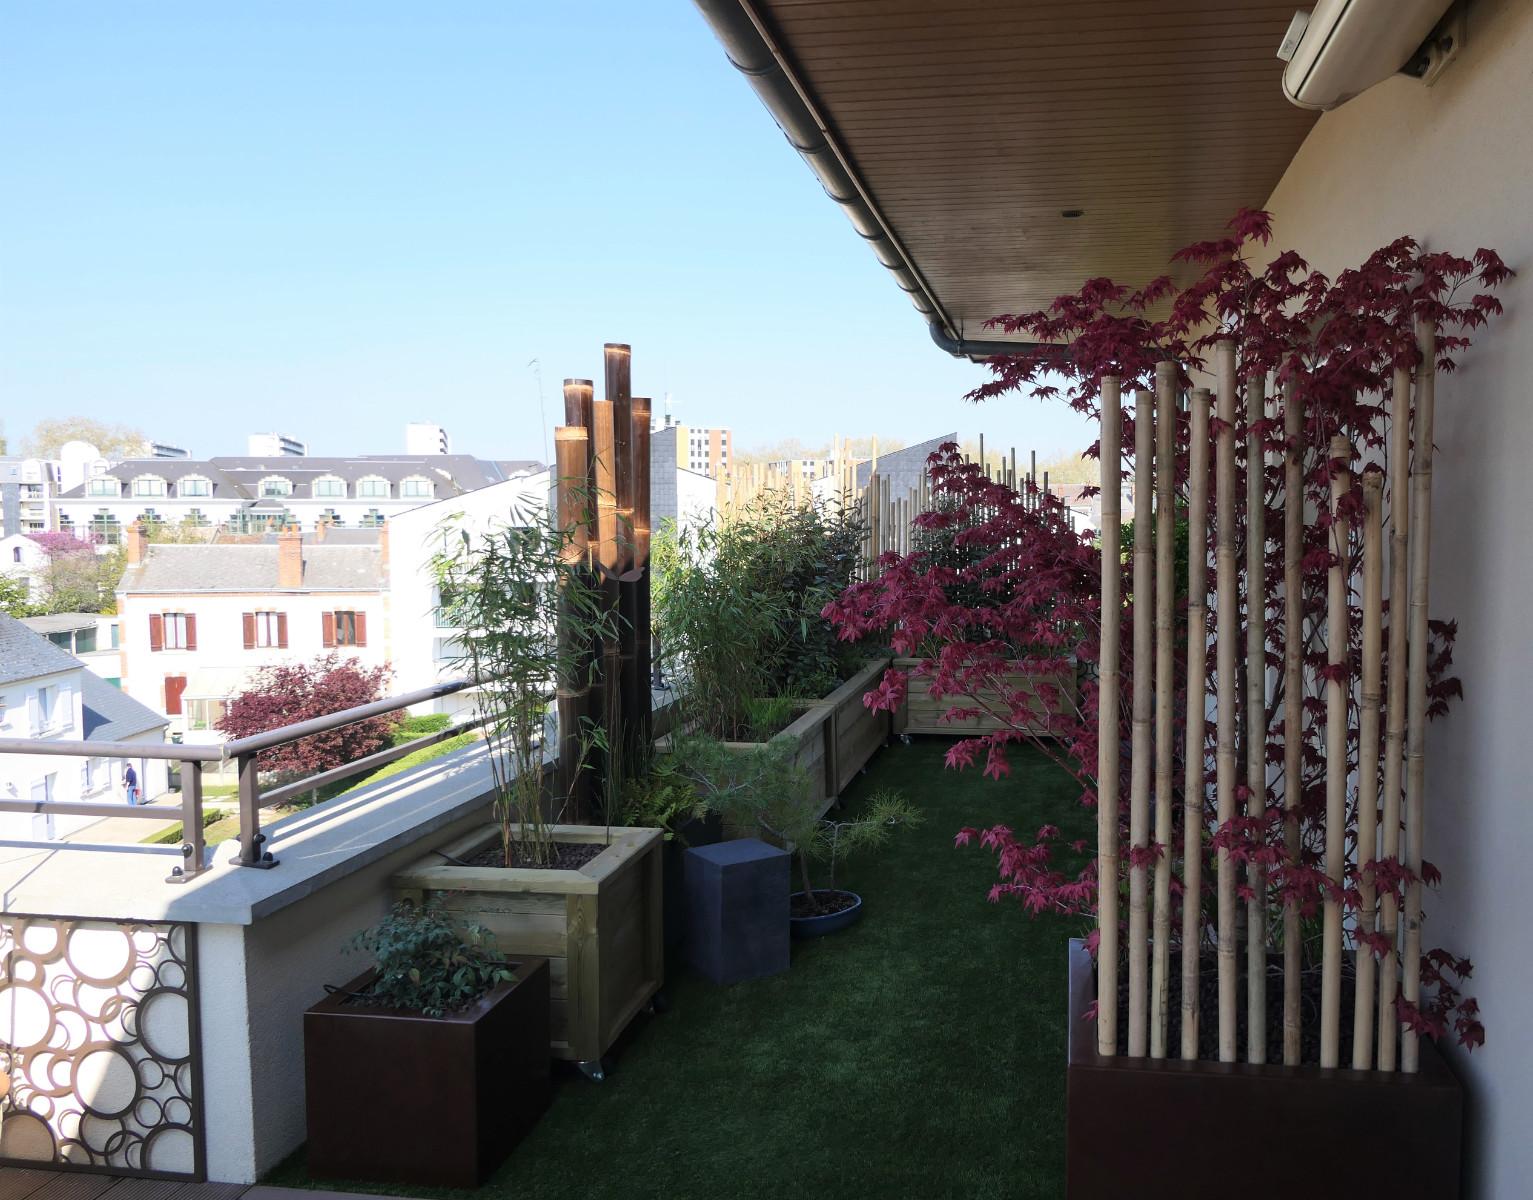 Aménagement terrasse_Avril 2021 [4/5] – Travaux réalisés